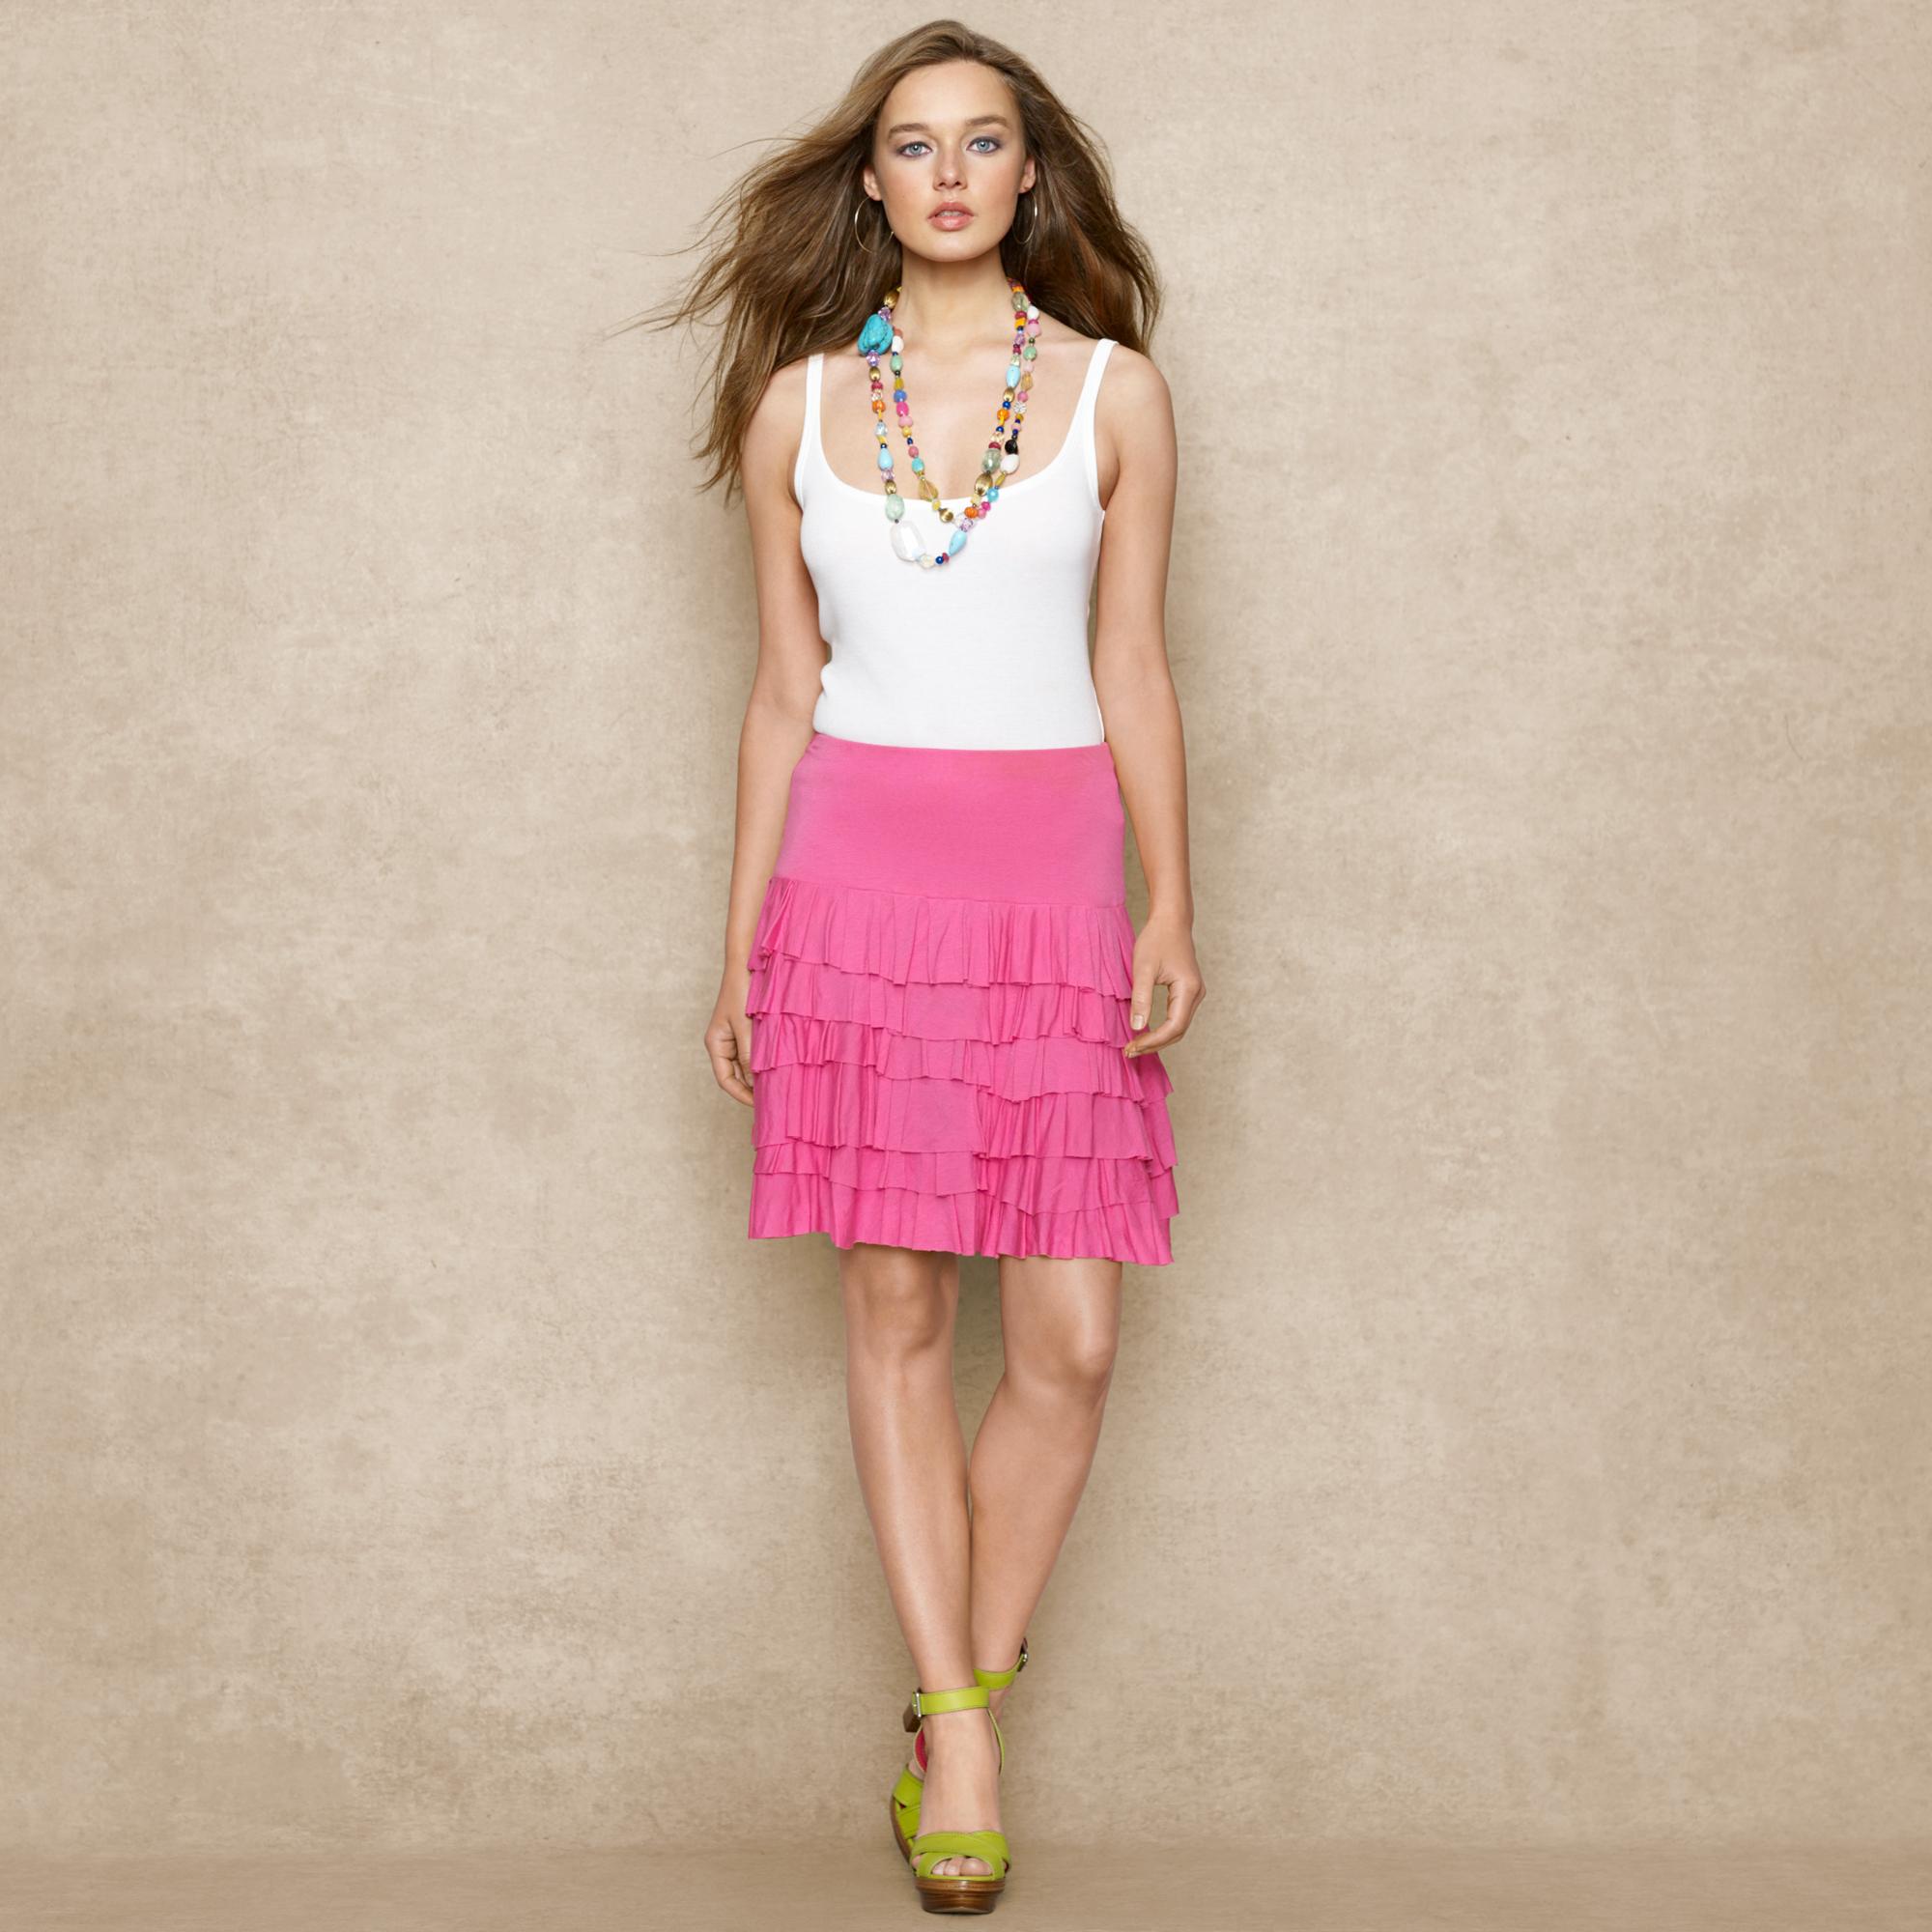 image of ralph lauren top and skirt